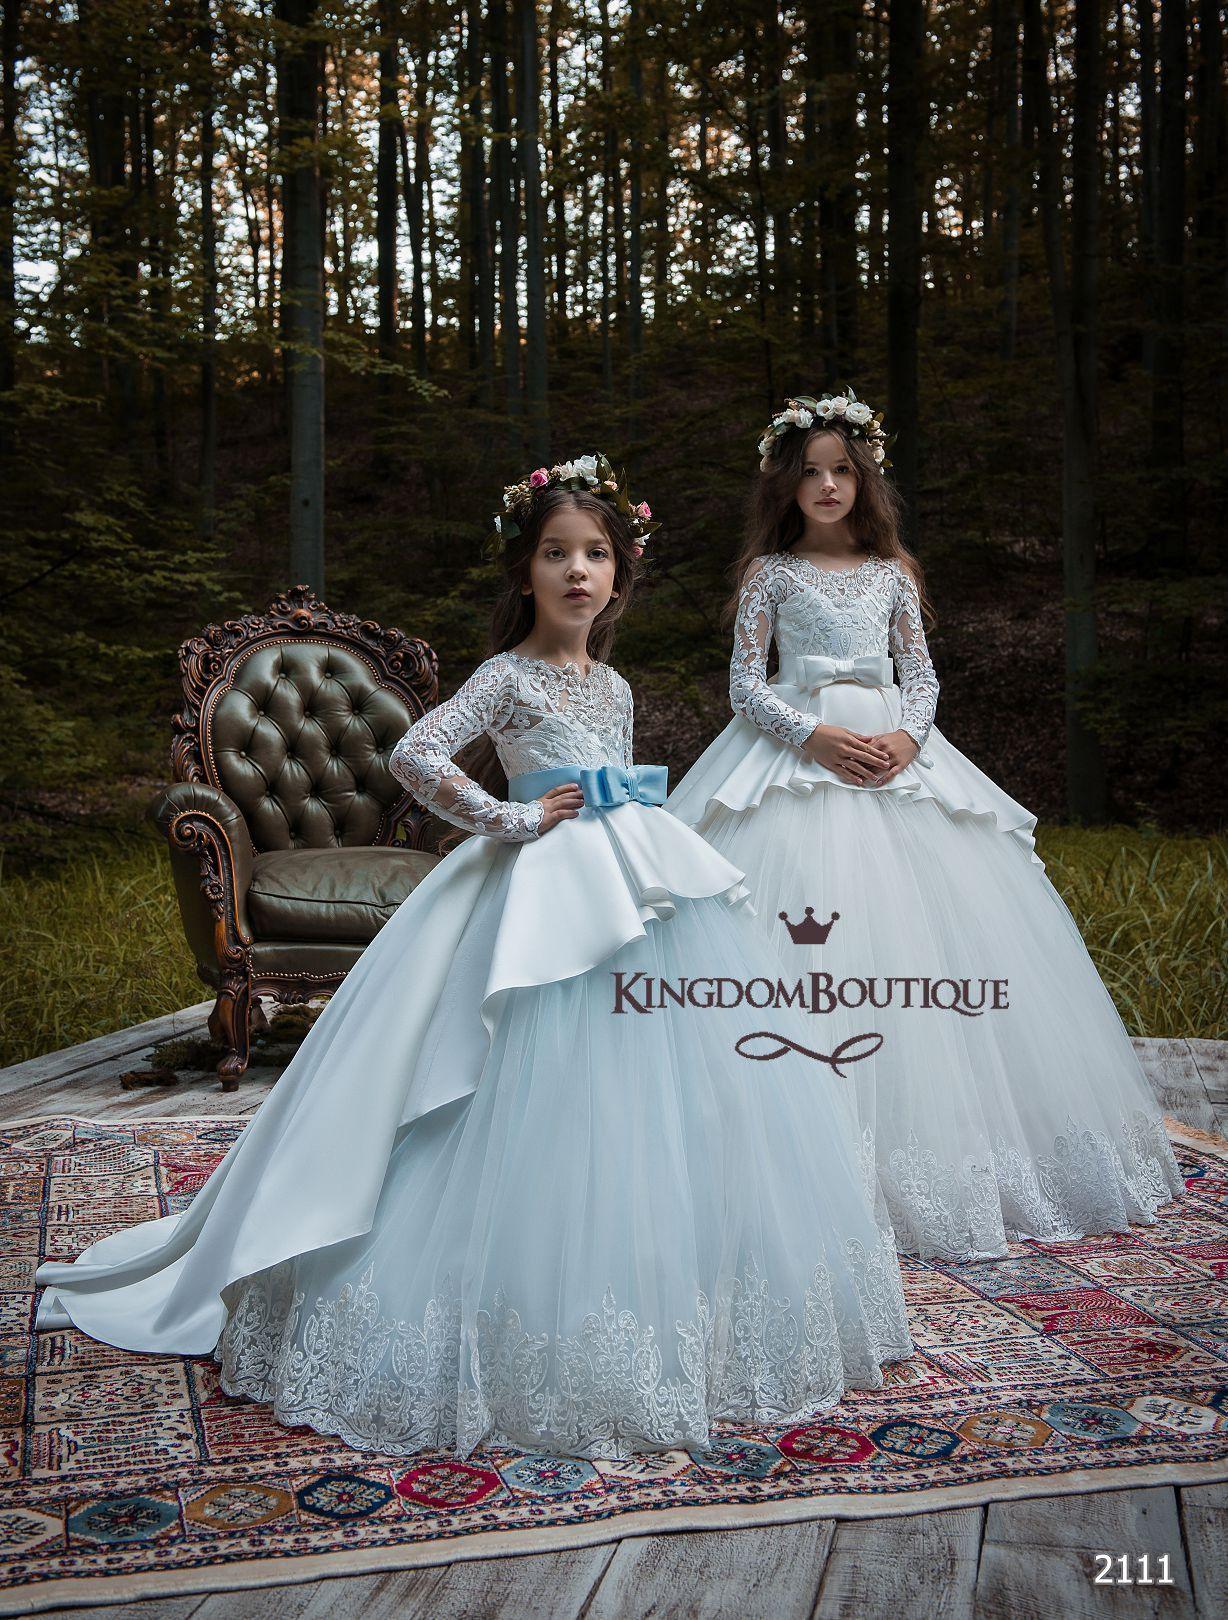 18-2111 | The Flower Girl | Pinterest | Girls dresses, Flower girl ...